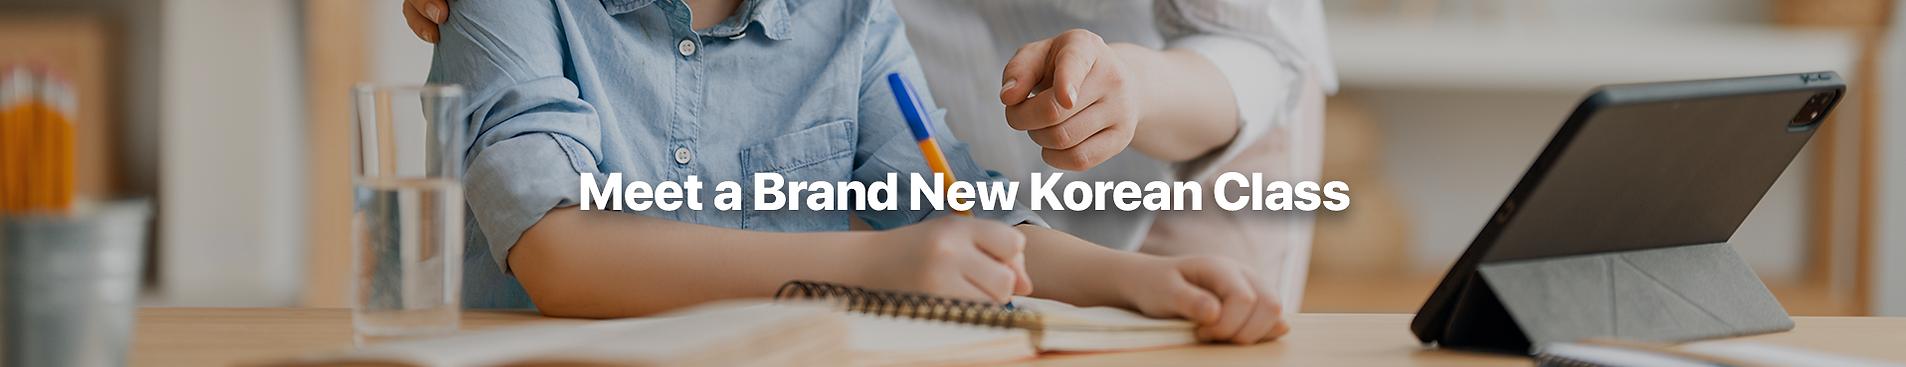 meet a brand new korean class.png